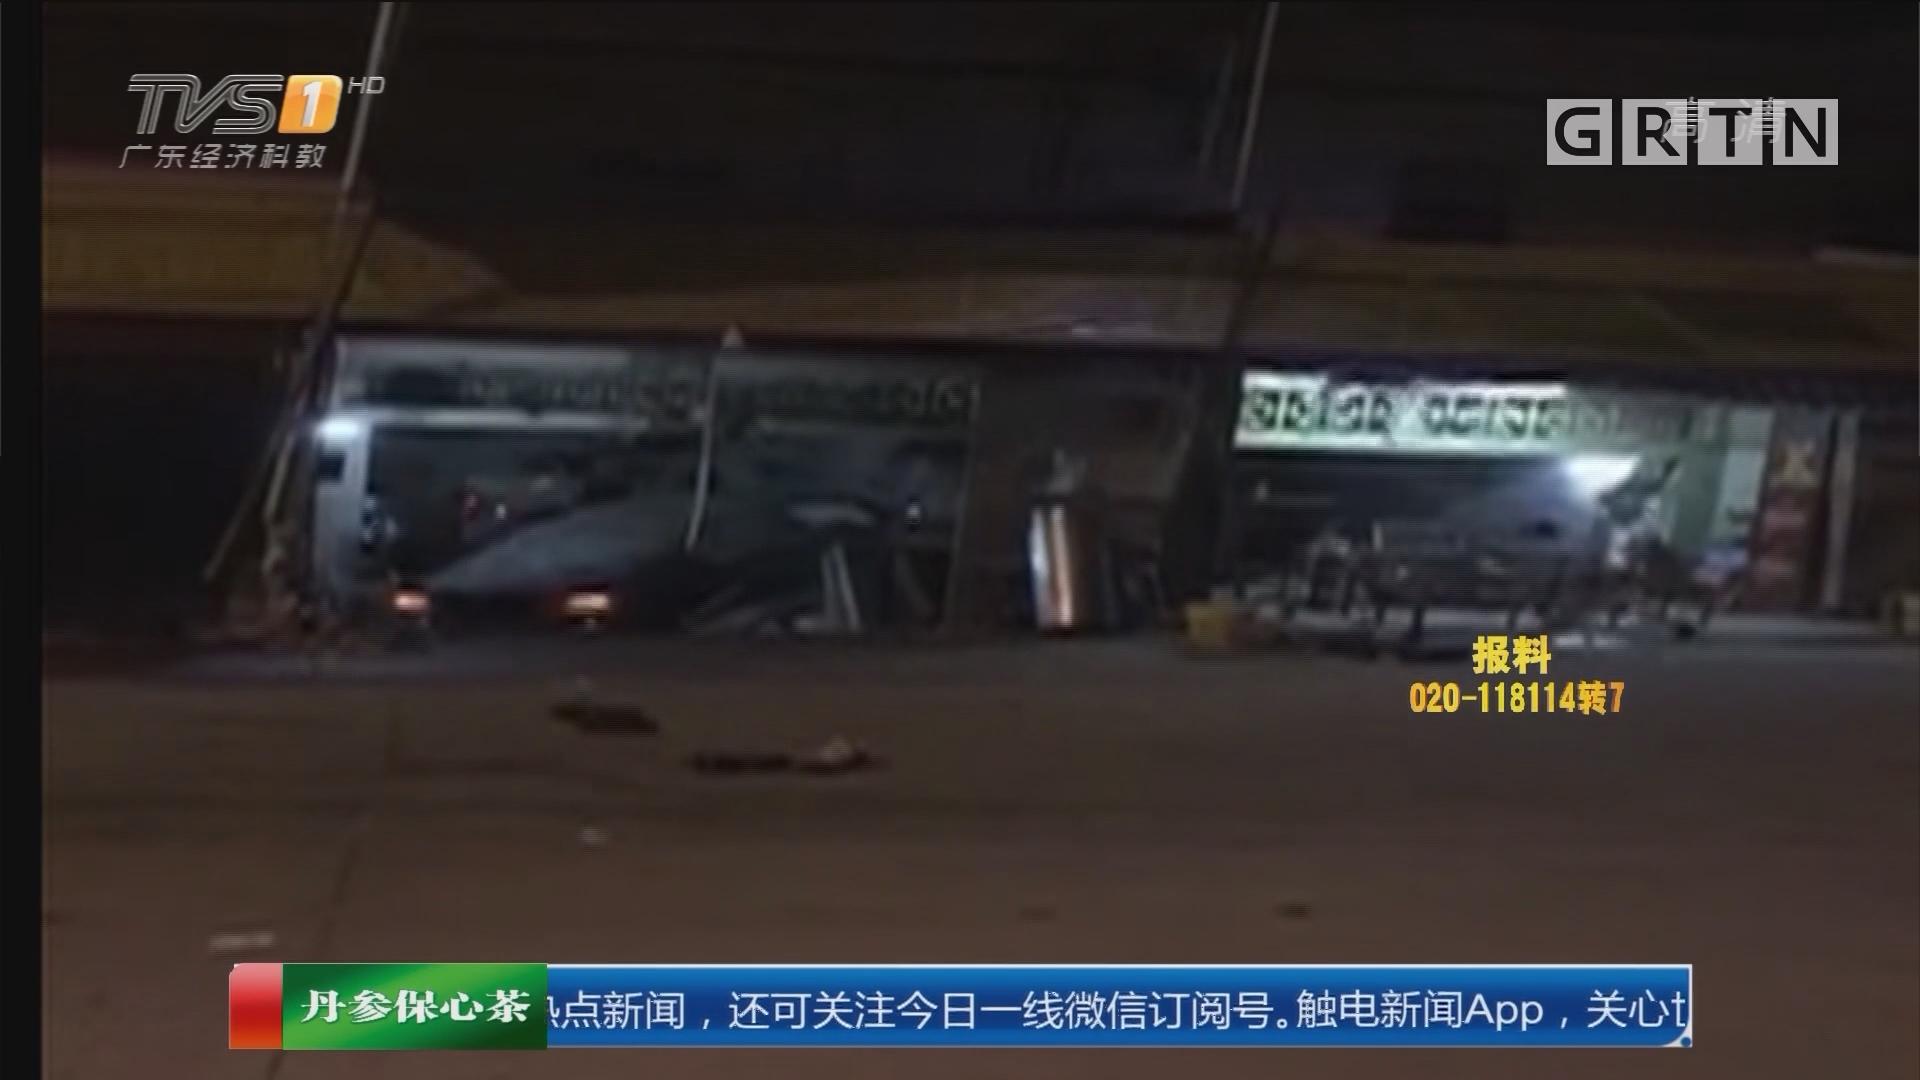 揭阳揭西县:失魂小车破门穿墙 街坊抬车救人